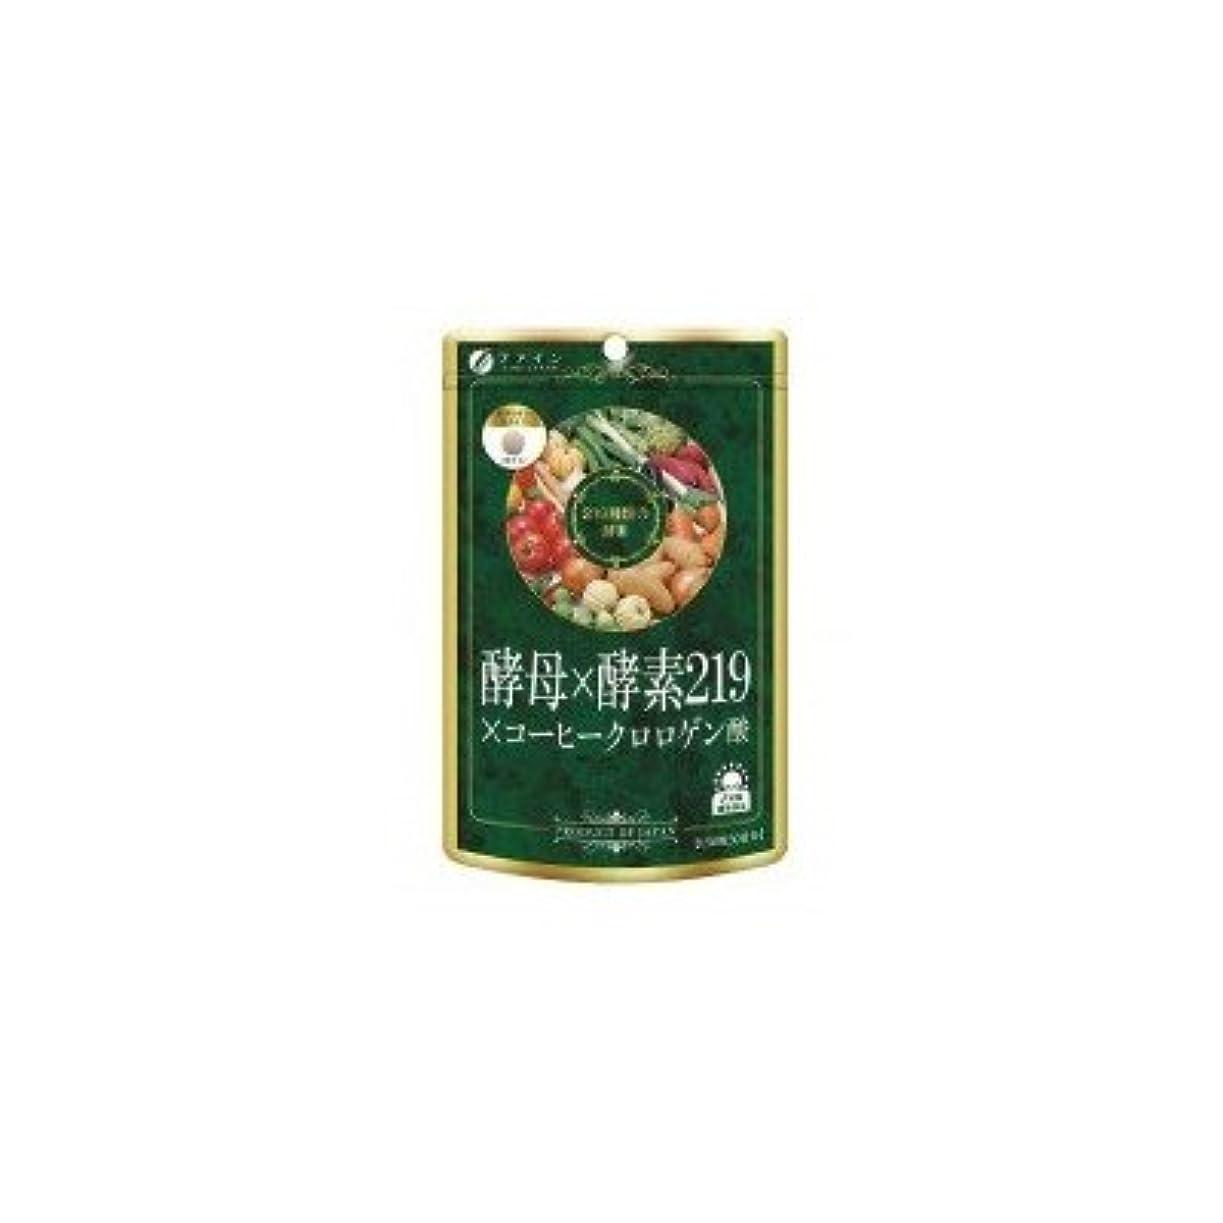 ポスターツールふつうファイン 酵母×酵素219×コーヒークロロゲン酸 45g(300mg×150粒)